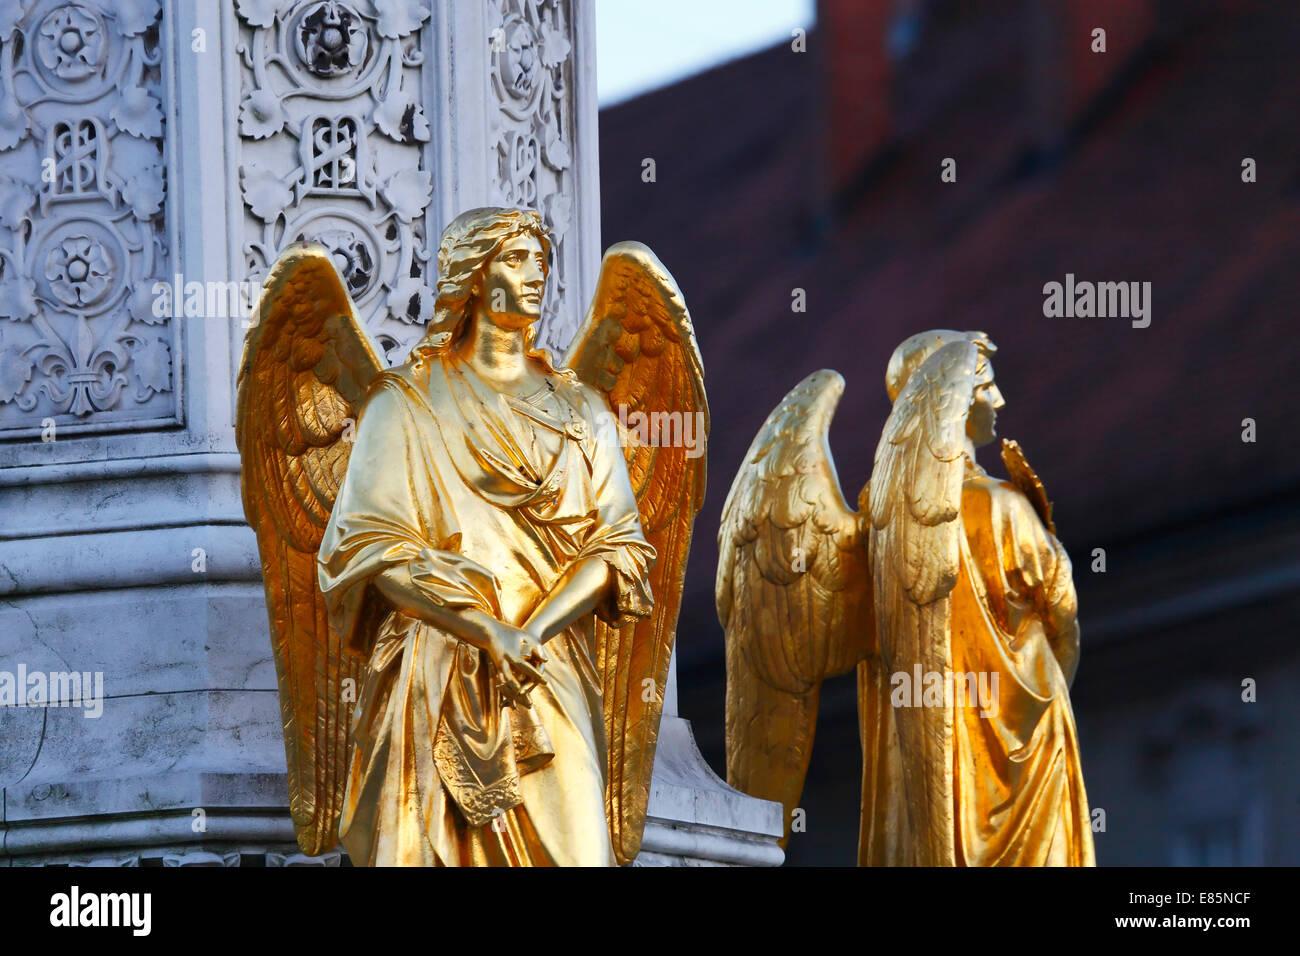 Zagabria scultura di Golden angeli nella parte anteriore del duomo Immagini Stock